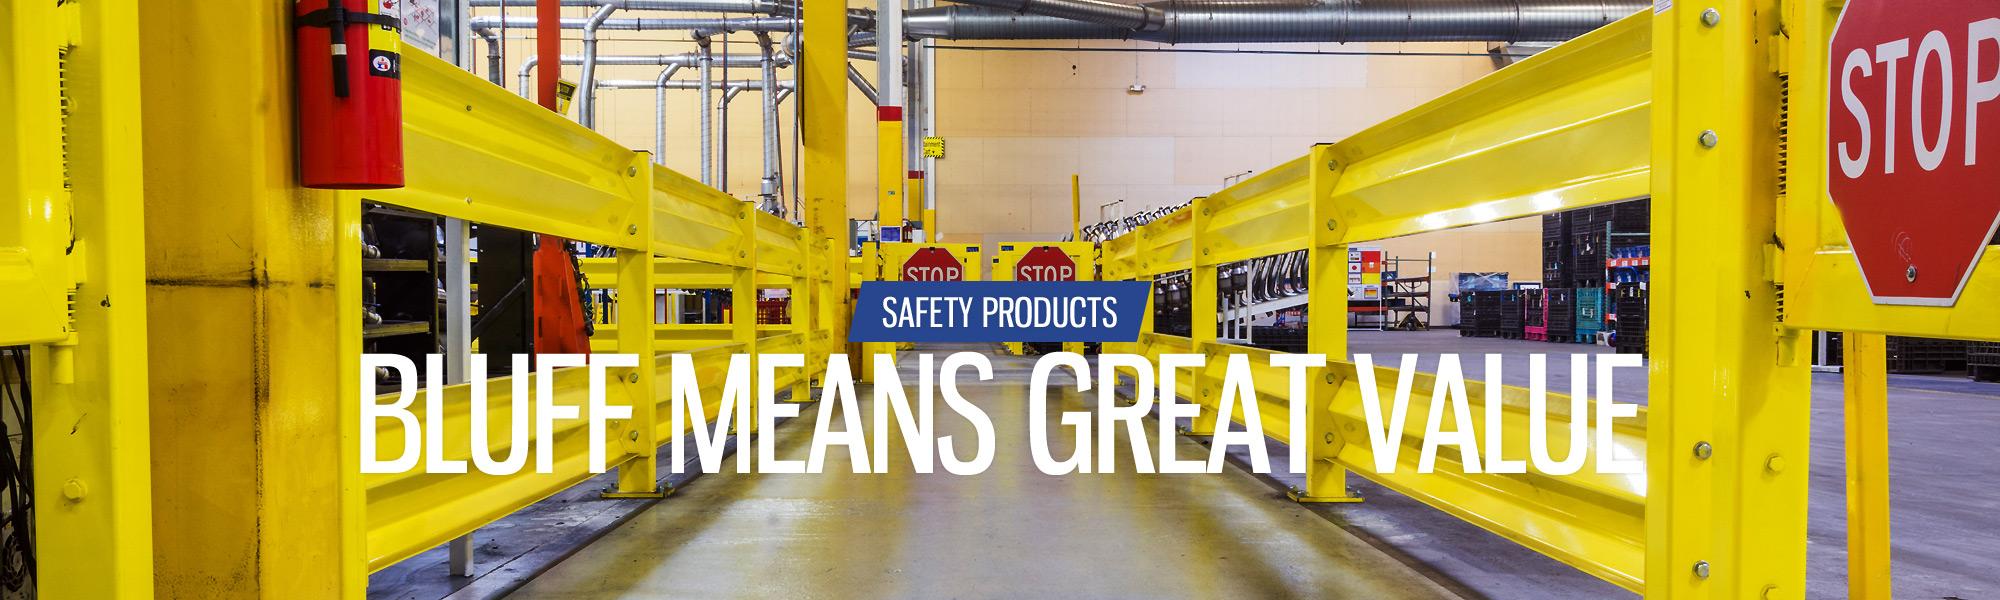 Safety Products | Yard Ramps | Dock Plates | Dock Boards | Mezzanines | Steel Dock Board